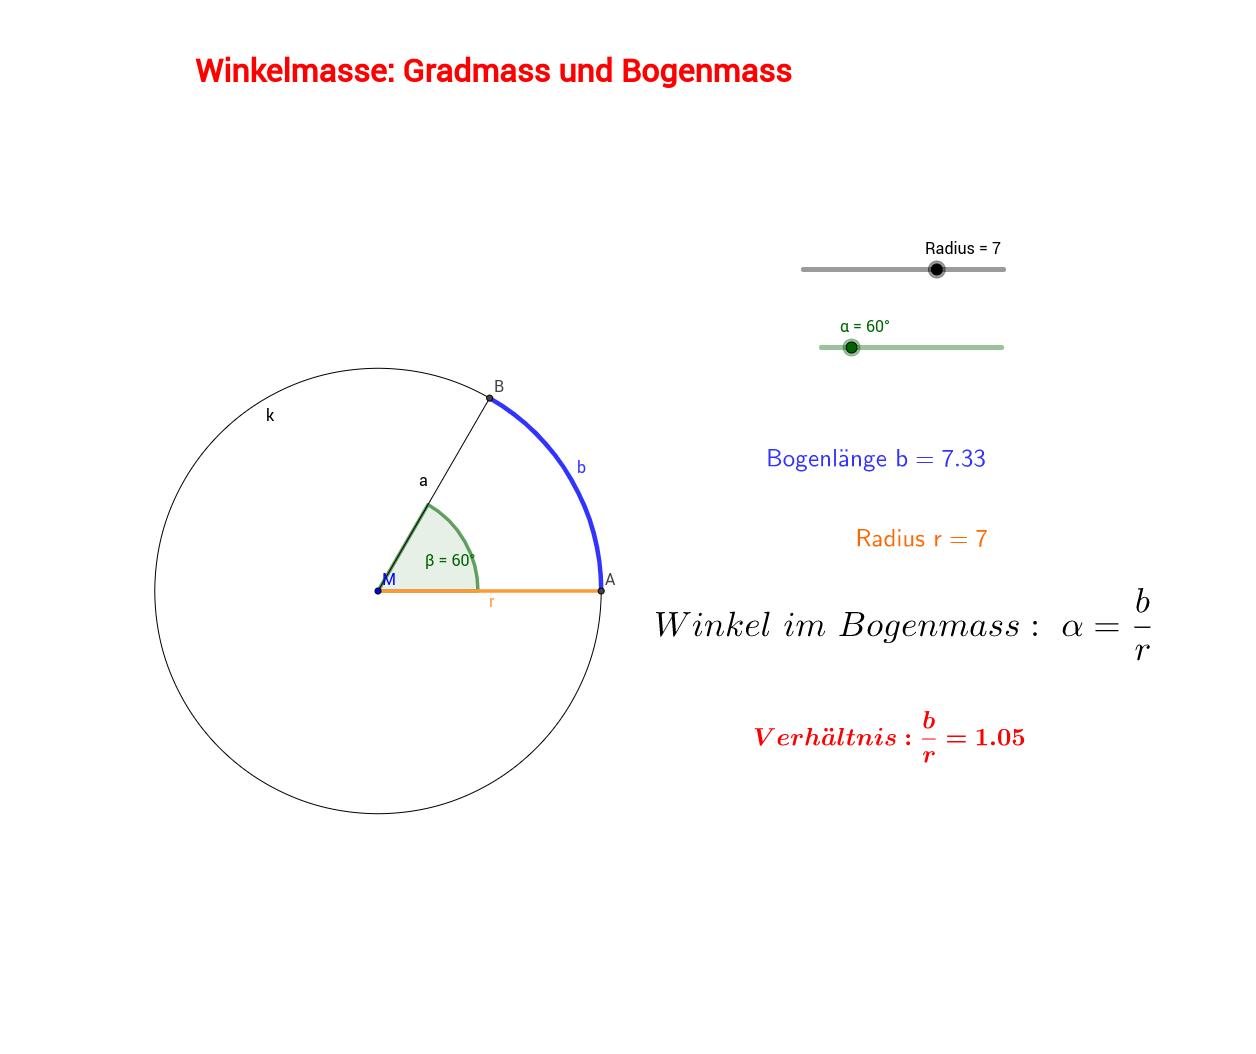 Winkelmass: Gradmass und Bogenmass – GeoGebra